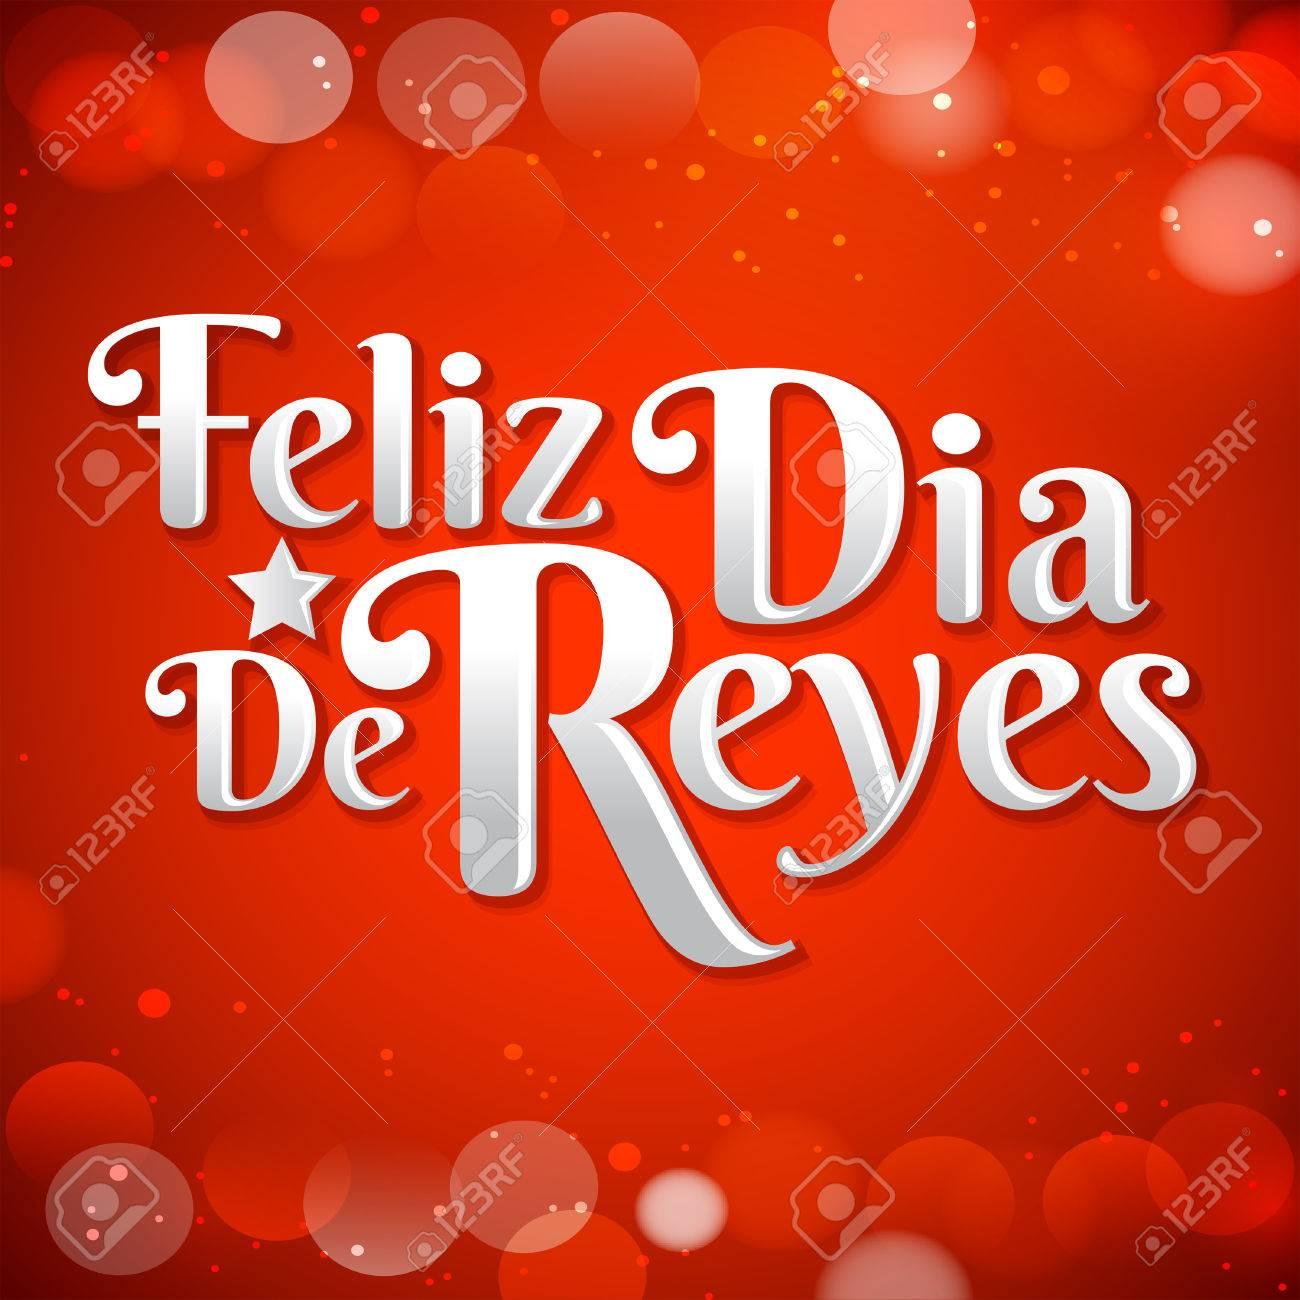 Feliz Dia De Reyes Glücklicher Tag Der Spanische Text Könige Ist